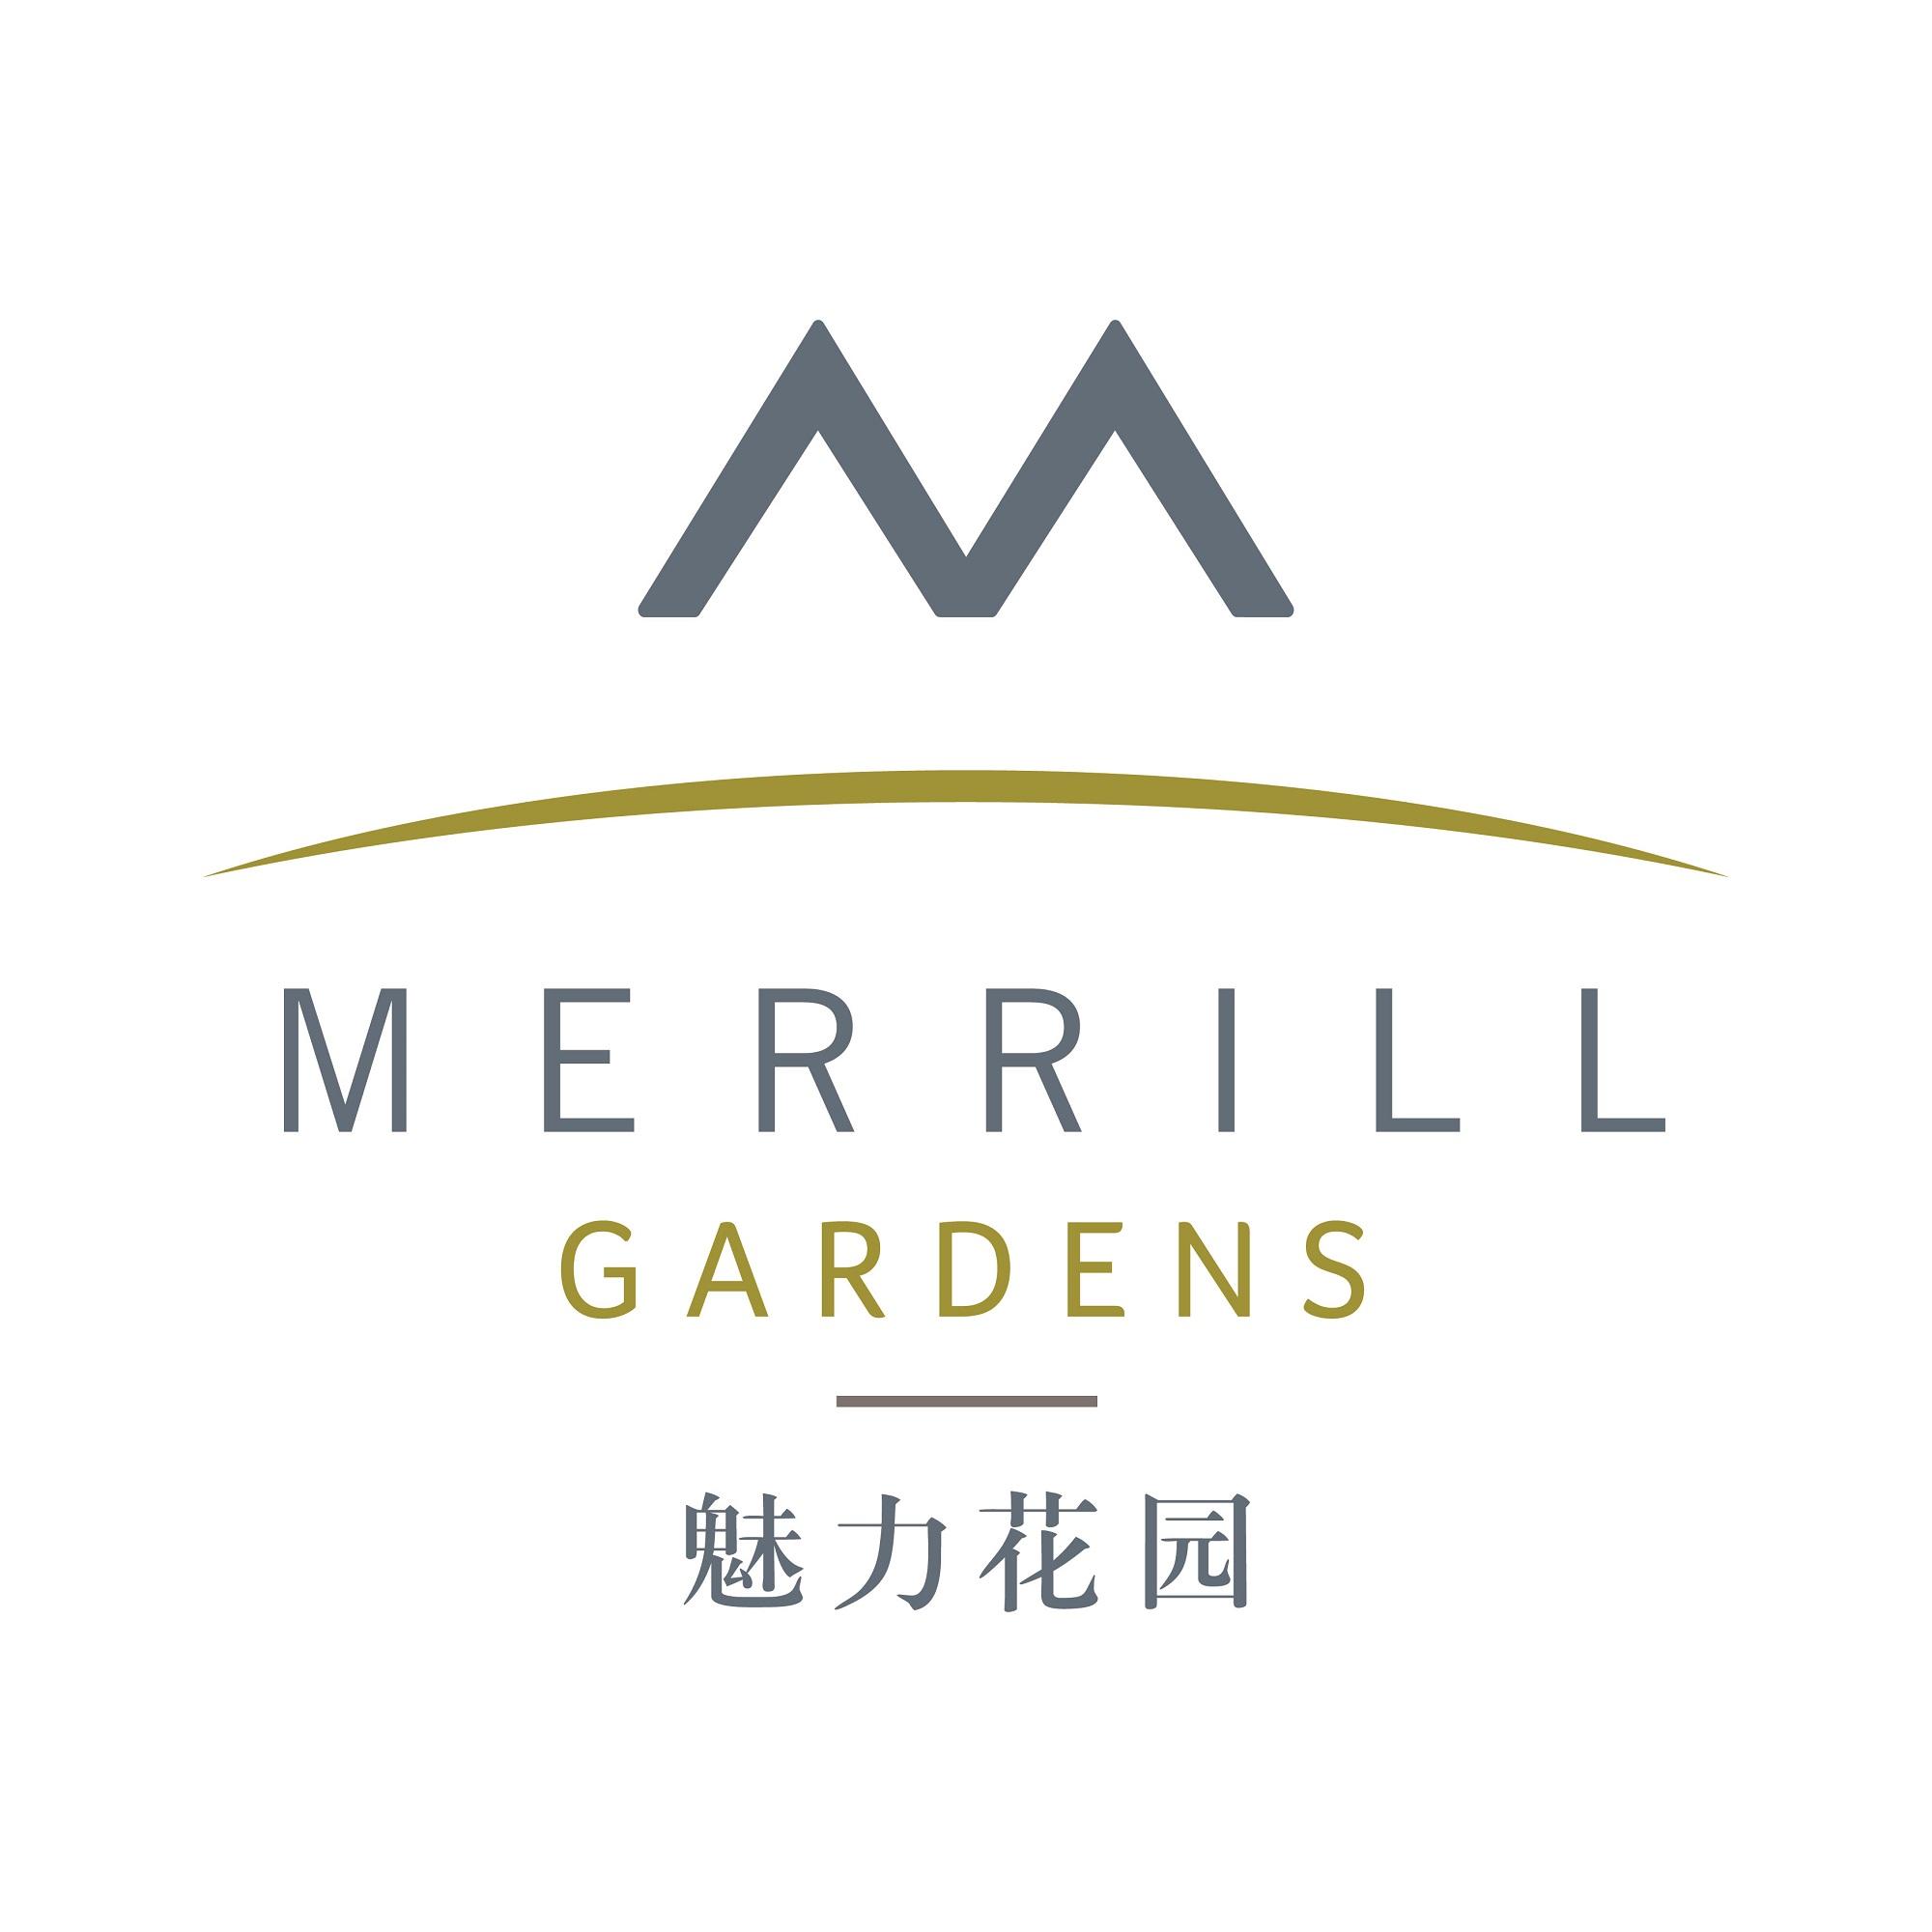 美瑞老年服务(上海)有限公司